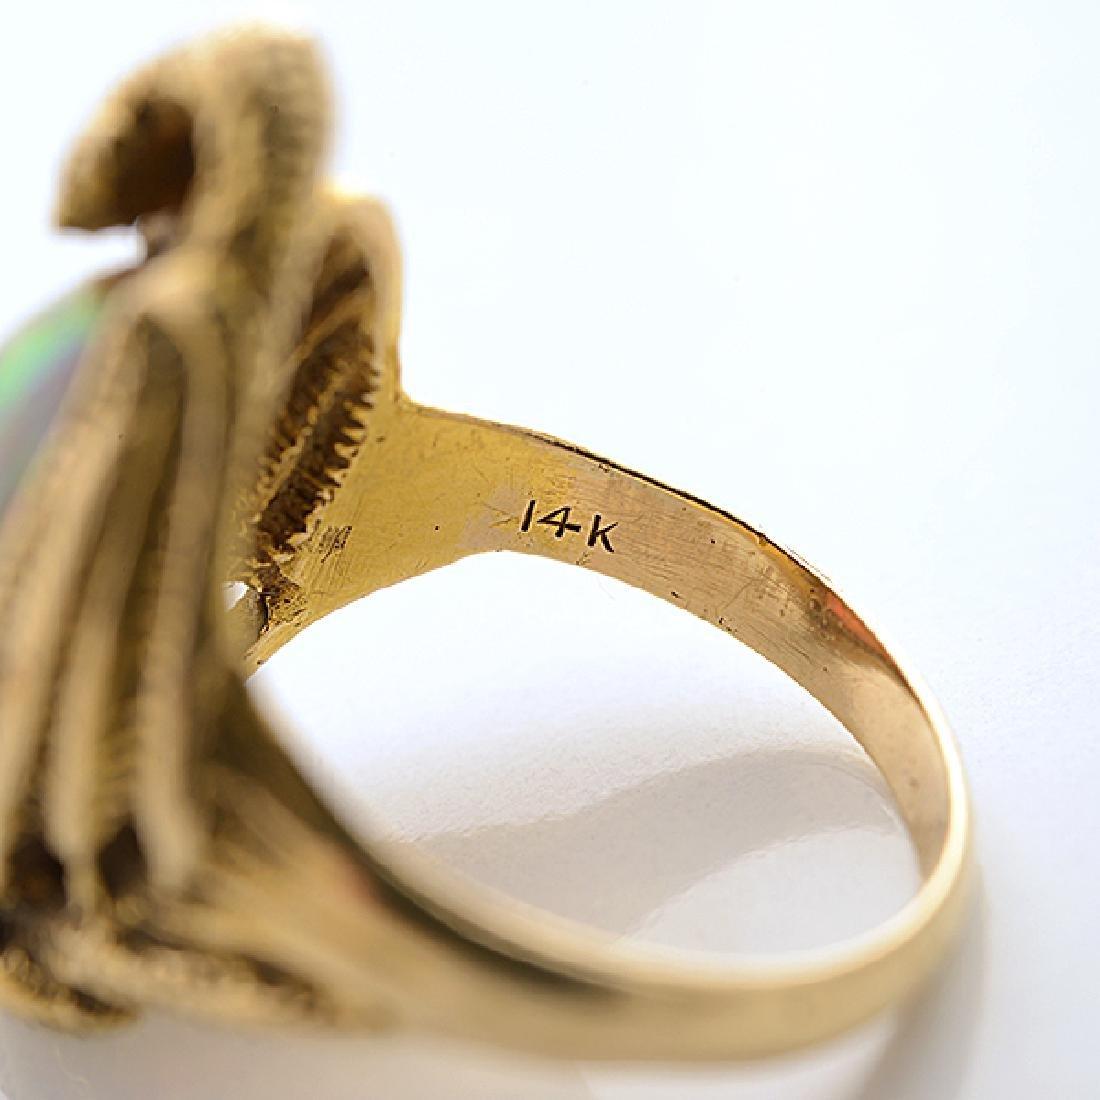 Walton & Co. Art Nouveau Opal, 14k Yellow Gold Ring. - 3